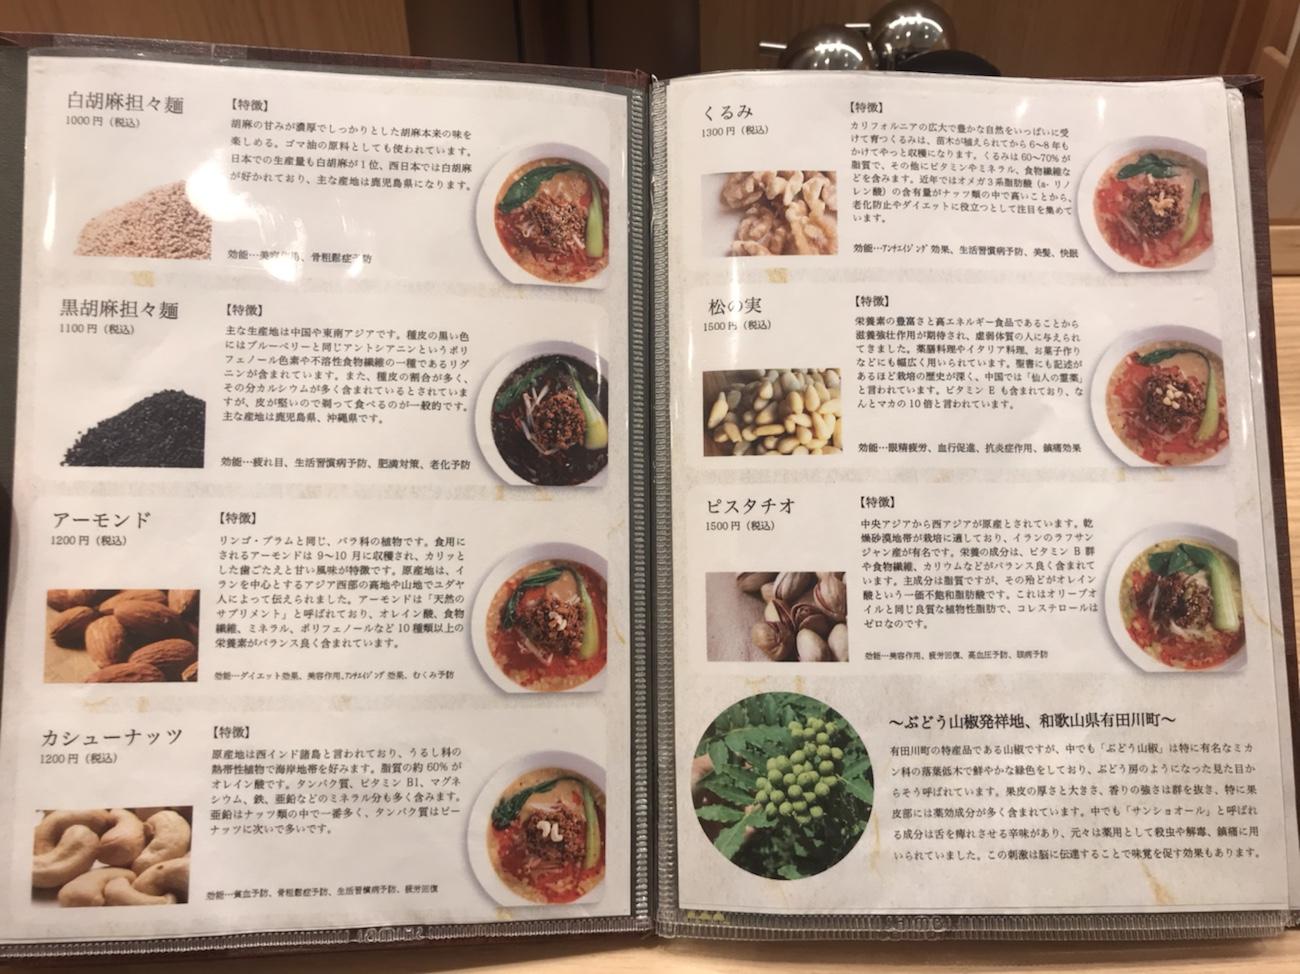 紀州清流担々麺 船橋 ピスタチオやくるみの担々麺